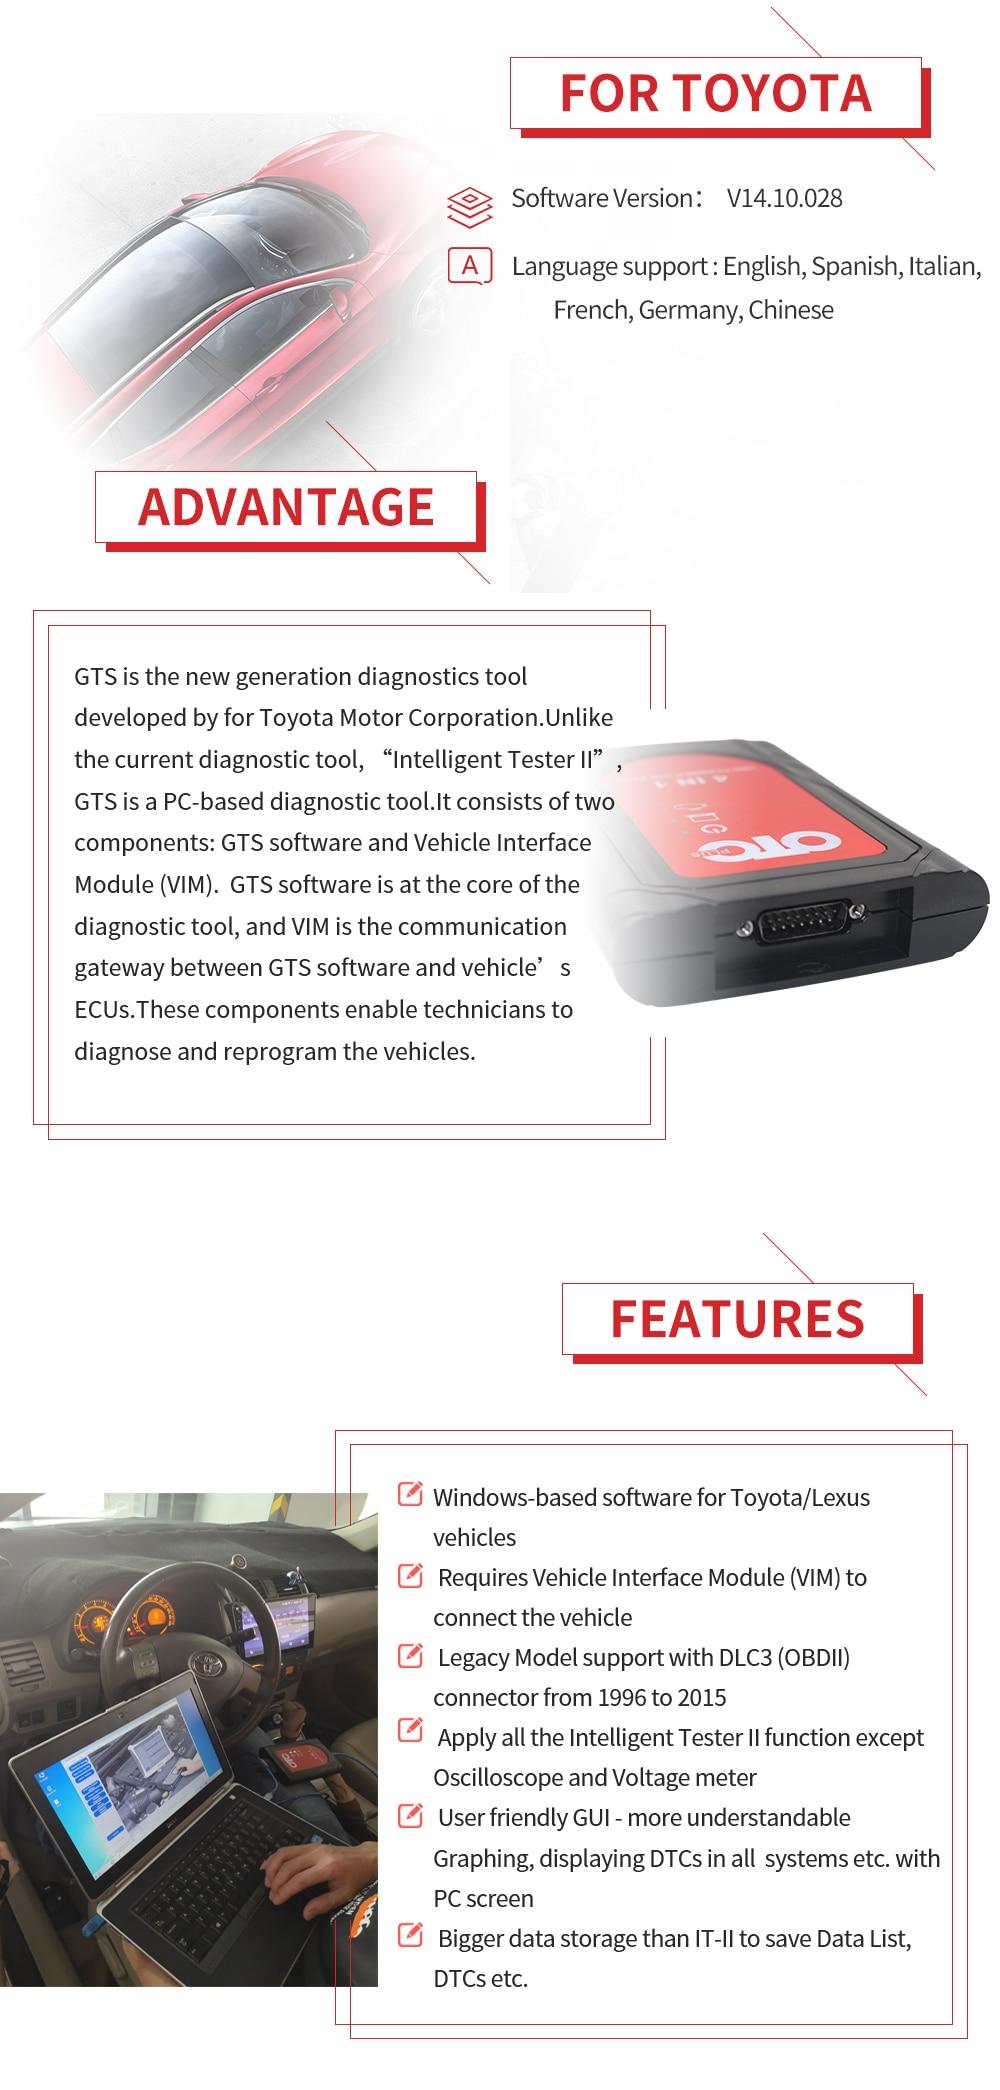 US $64 8 10% OFF|2019 for Toyota OTC Newest OTC Plus 3 in1 V14 10 028 IT3  update it2 Global Techstream GTS OTC VIM OBD Scanner OTC Scanner-in Car